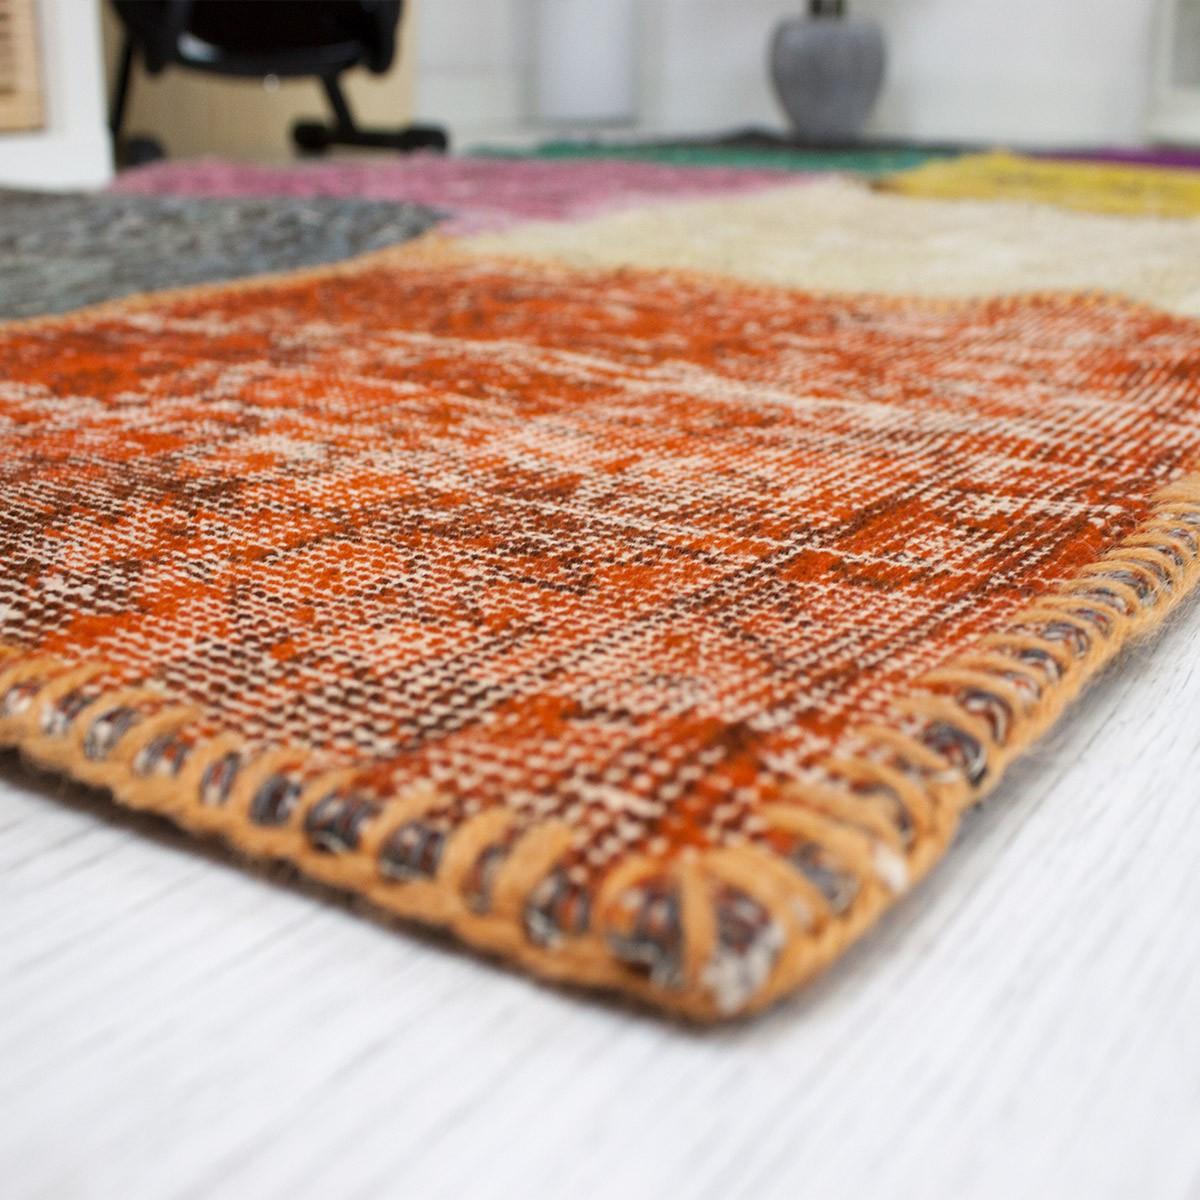 Hochwertige teppiche  Hochwertiger VINTAGE Patchwork Teppich, Original Handgeknüpft ...